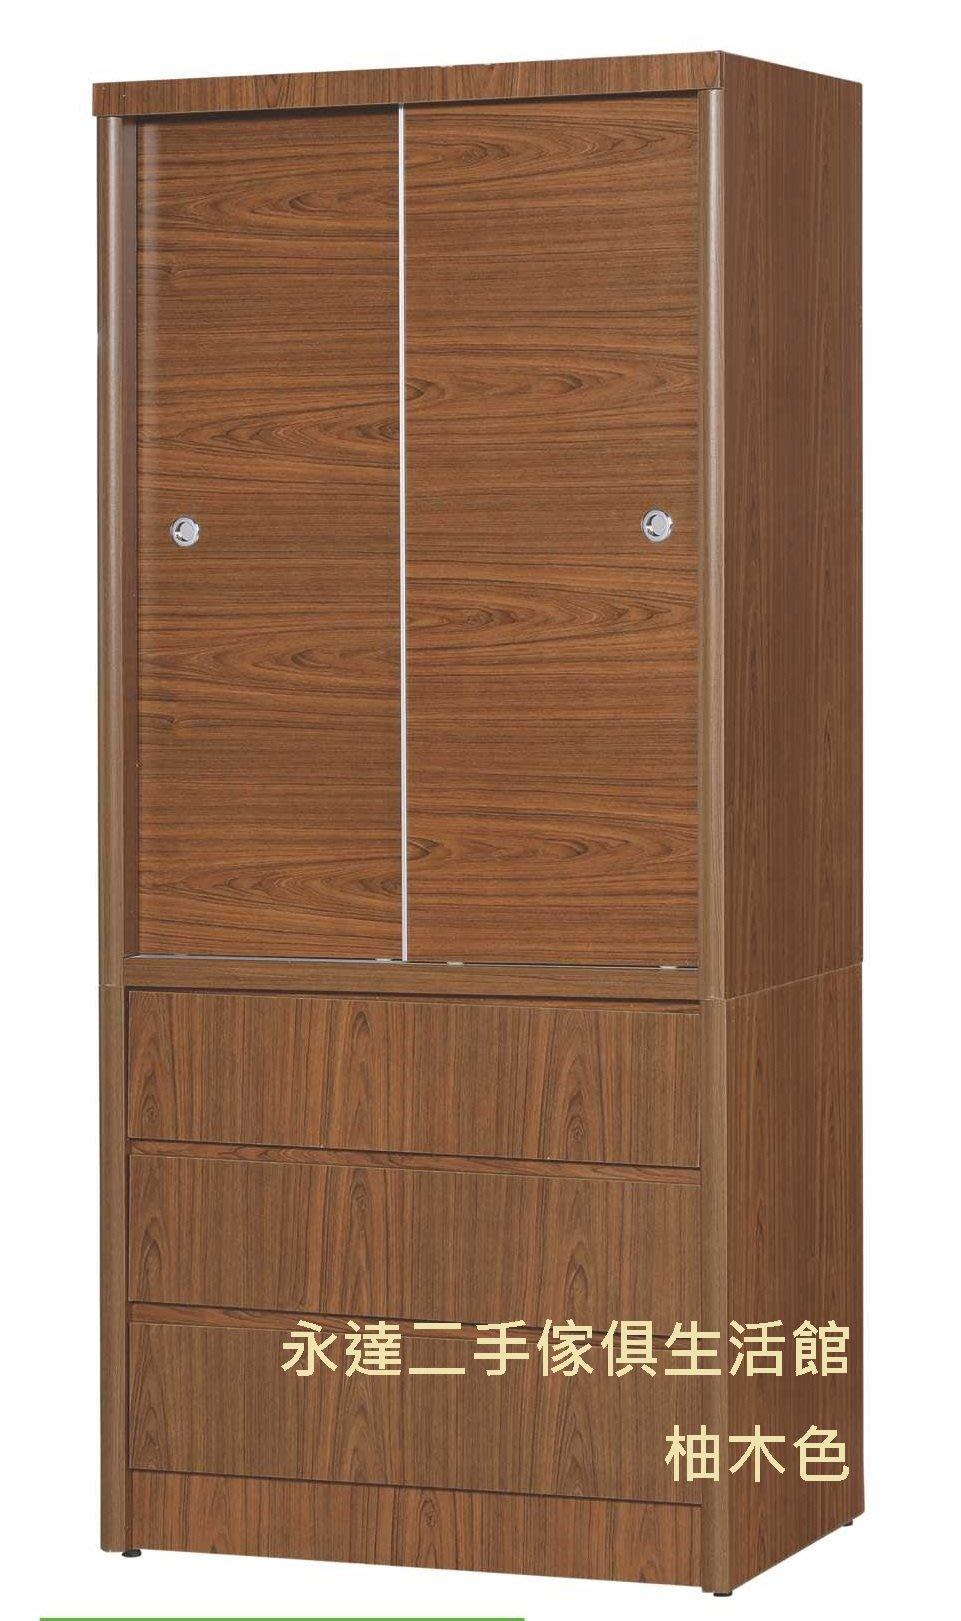 永達二手傢俱生活館/全新3尺雙門衣櫥衣櫃/三抽衣櫥衣櫃/三尺推門衣櫥衣櫃/抽屜衣櫃衣櫥(五色可選)